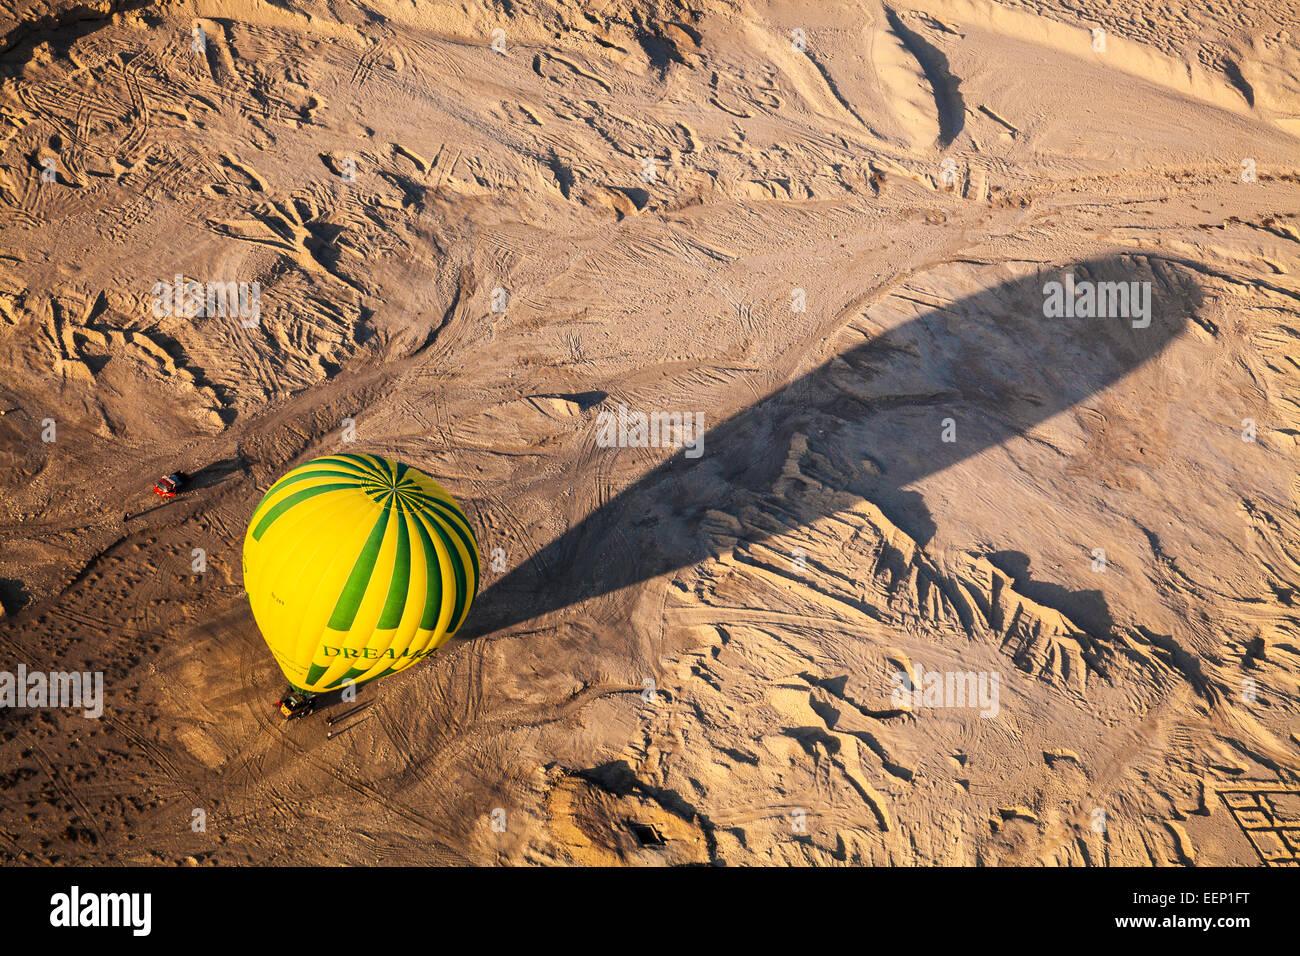 Ein Heißluftballon wirft einen langen Schatten, wie es in der Wüste am Westufer des Nils in Ägypten Stockbild